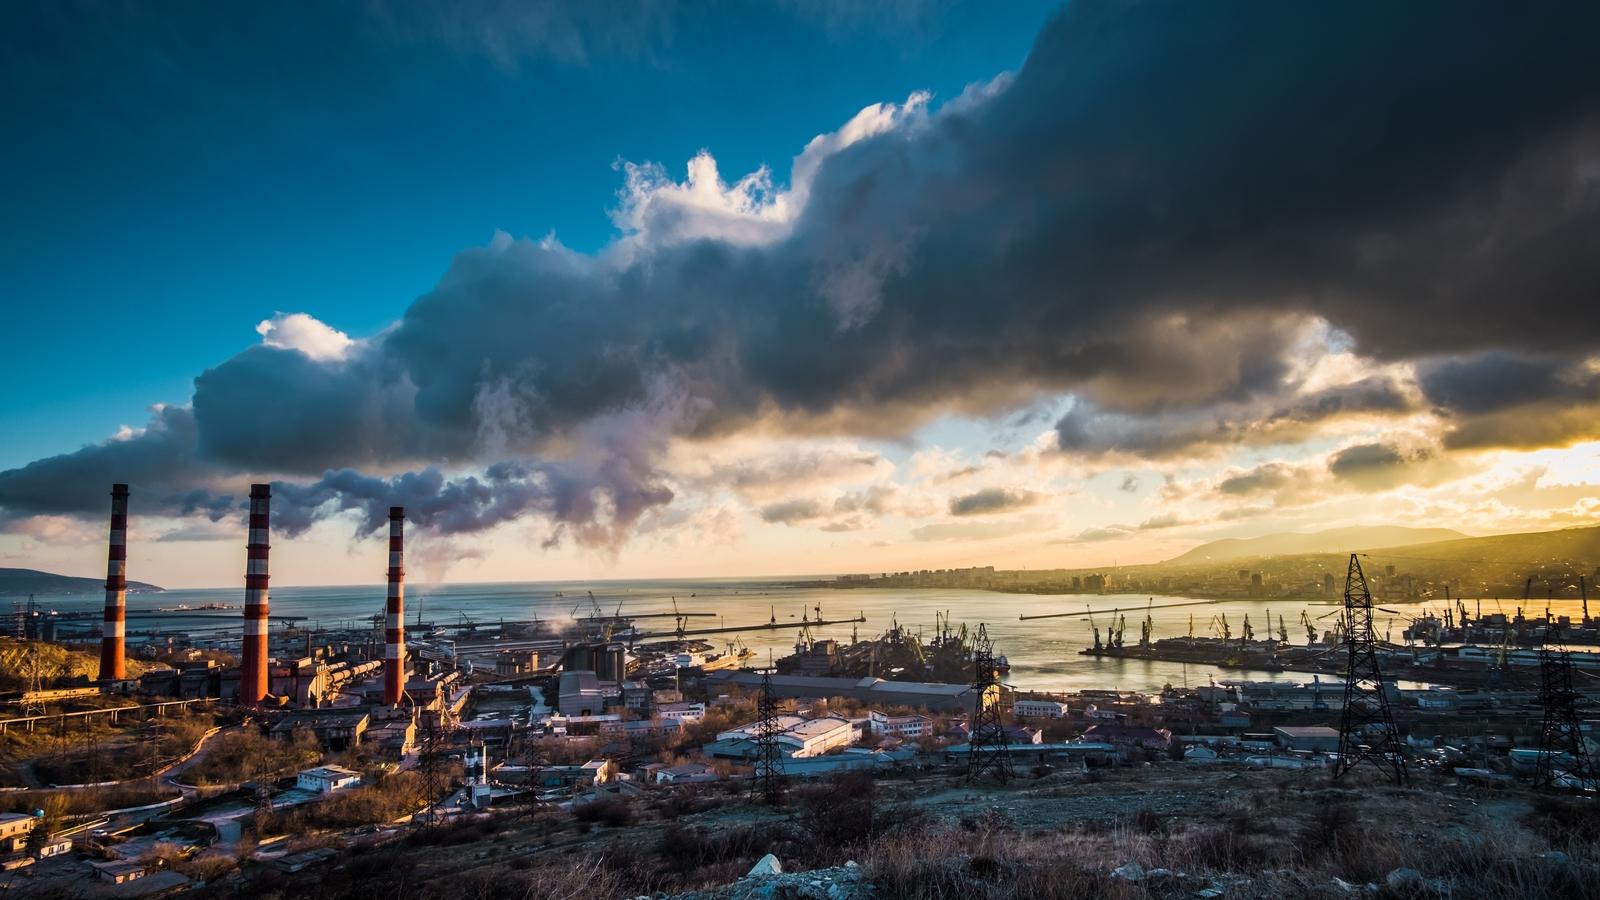 Экология в Новороссийске стабильная и без ухудшений